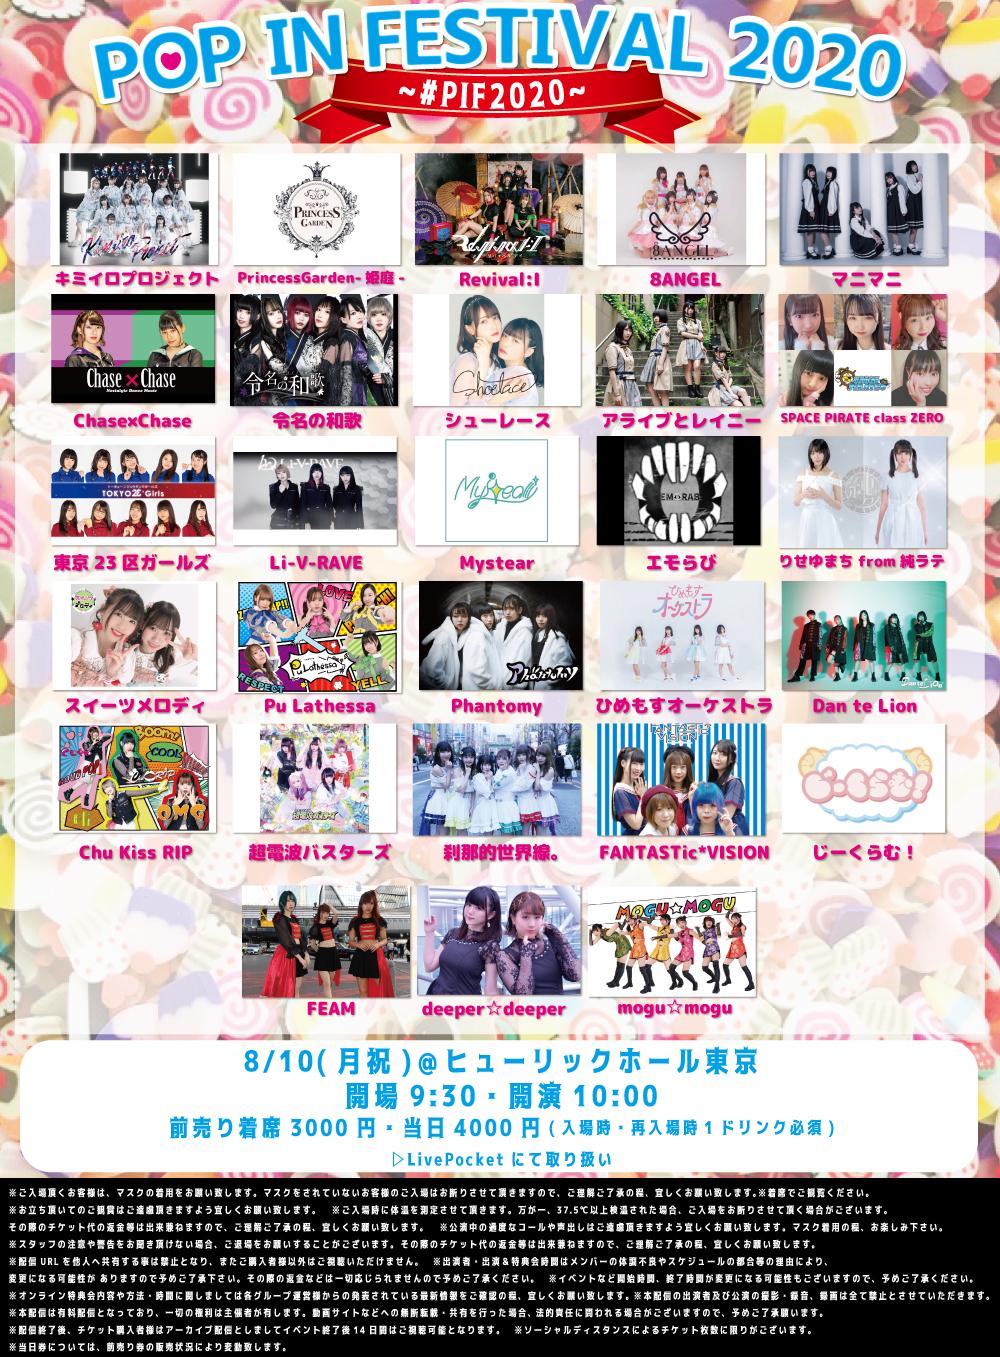 8/10(月祝) POP IN FESTIVAL 2020